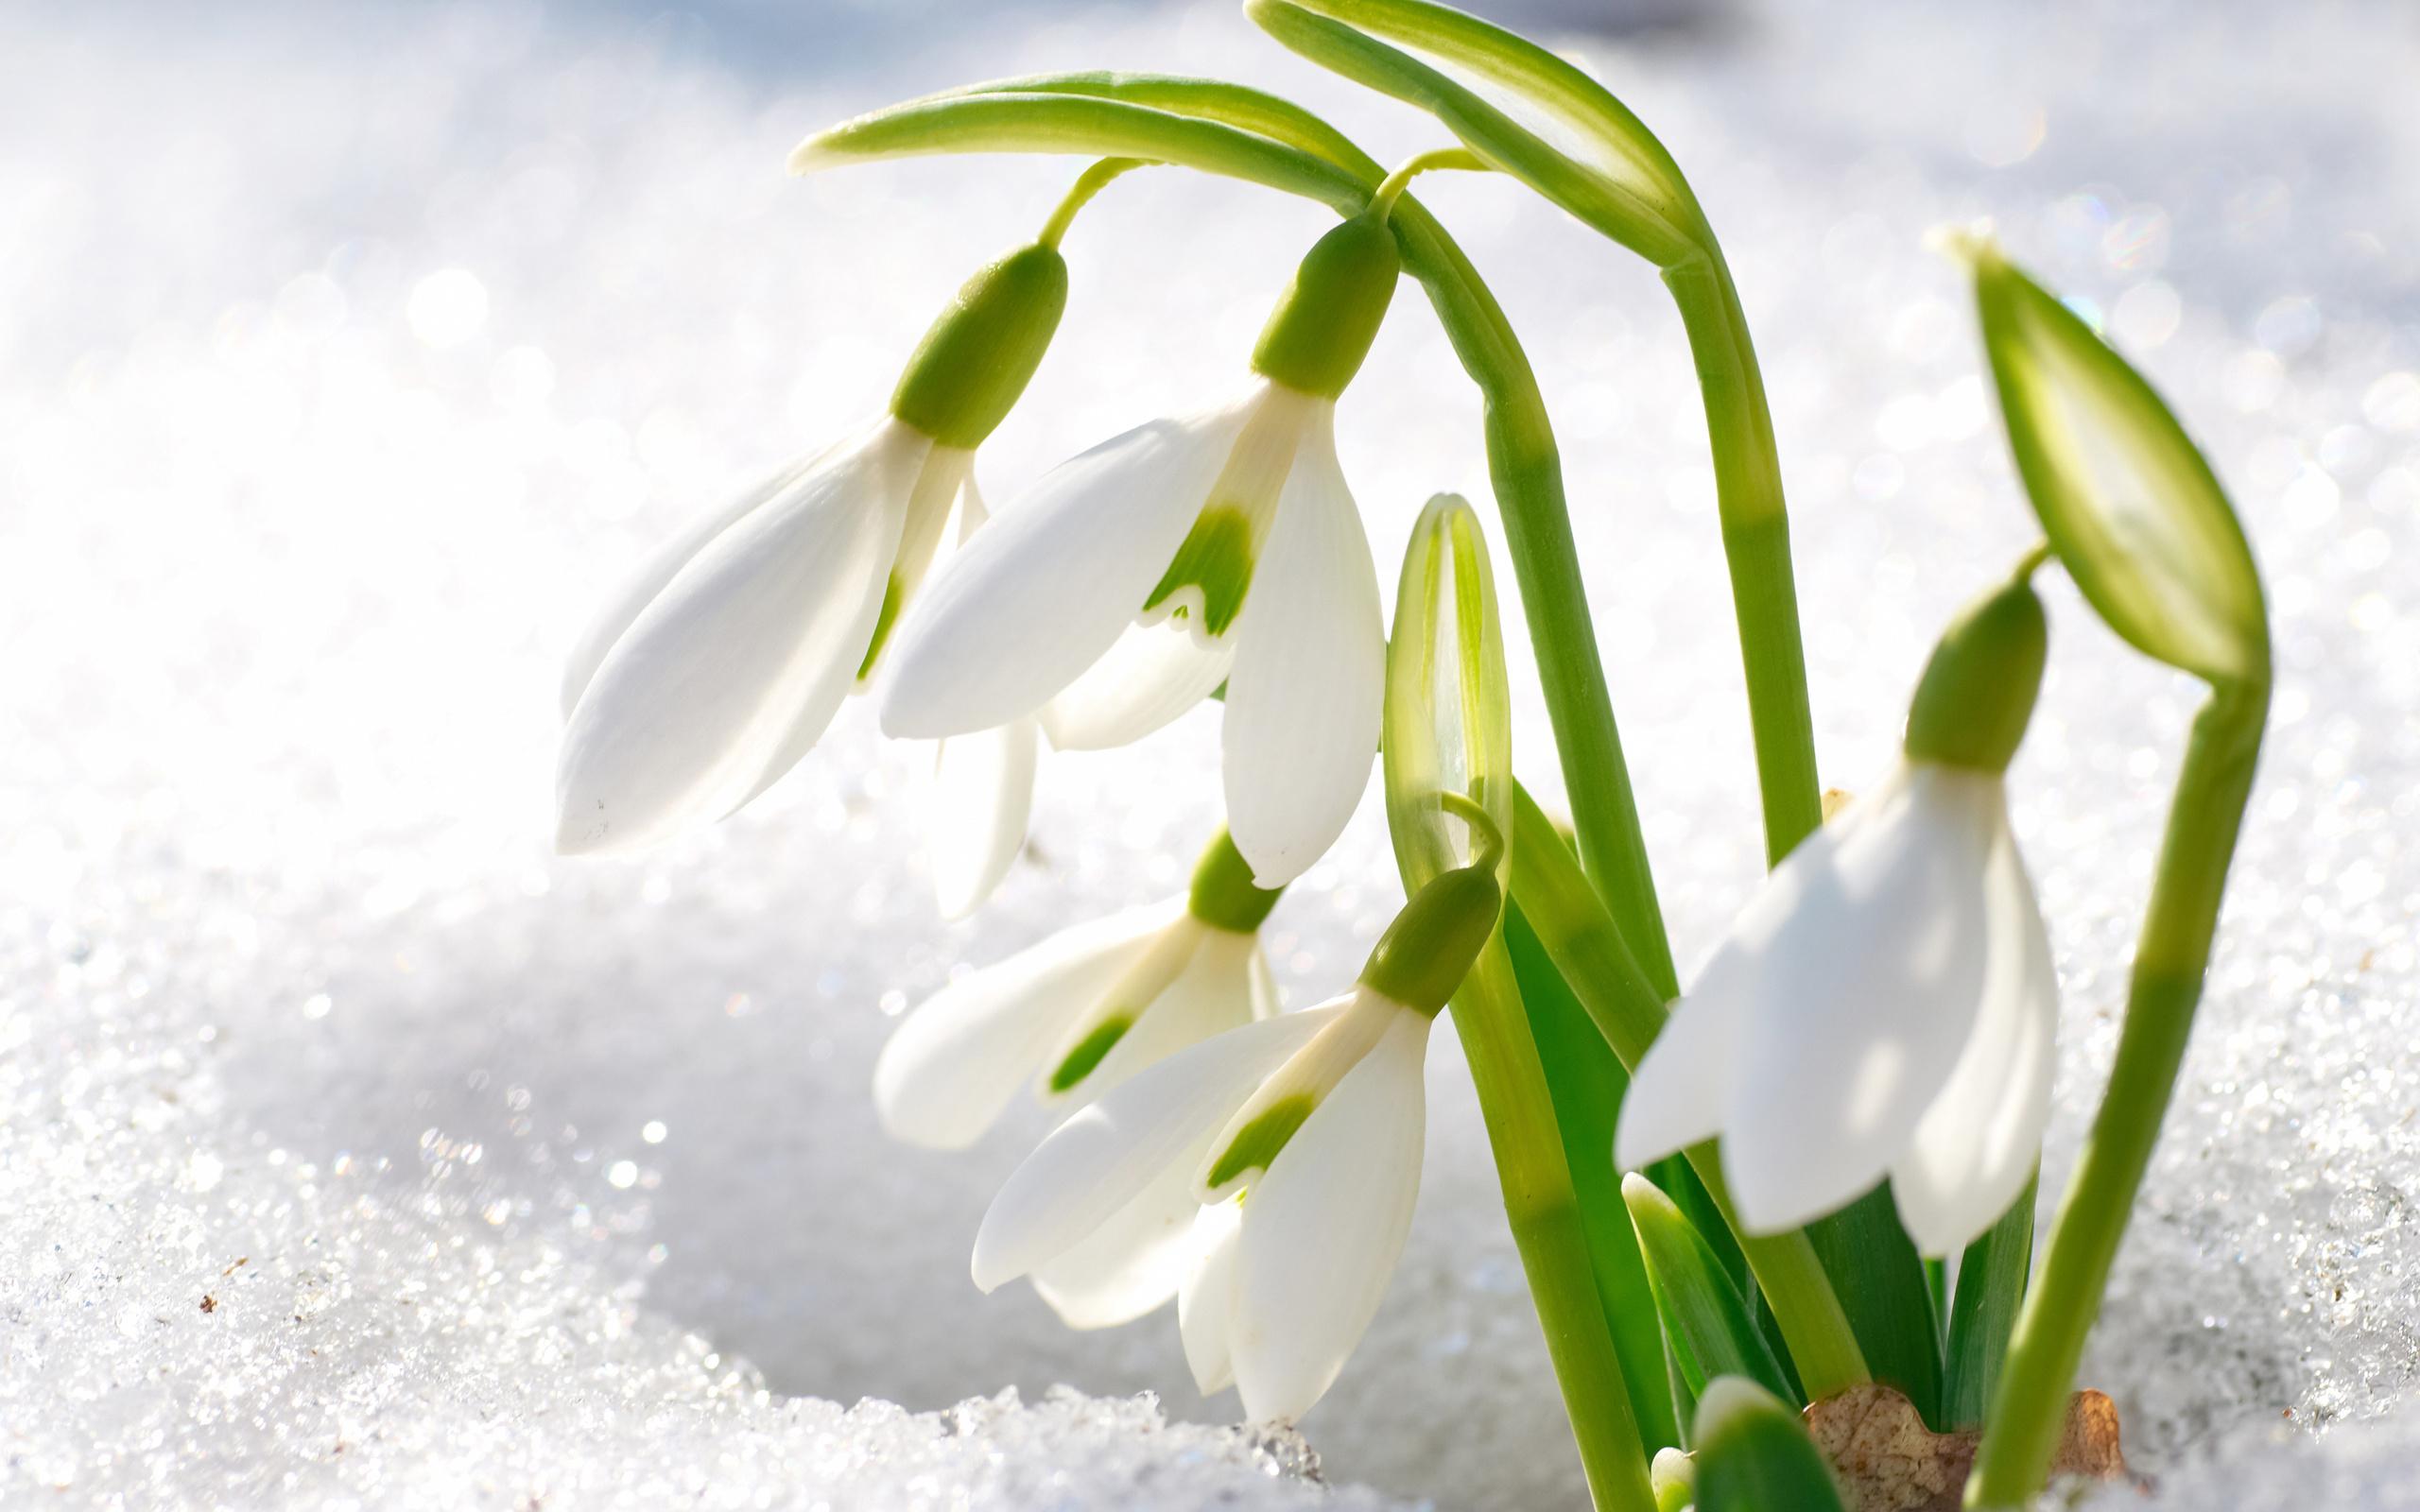 Картинка с природой весны